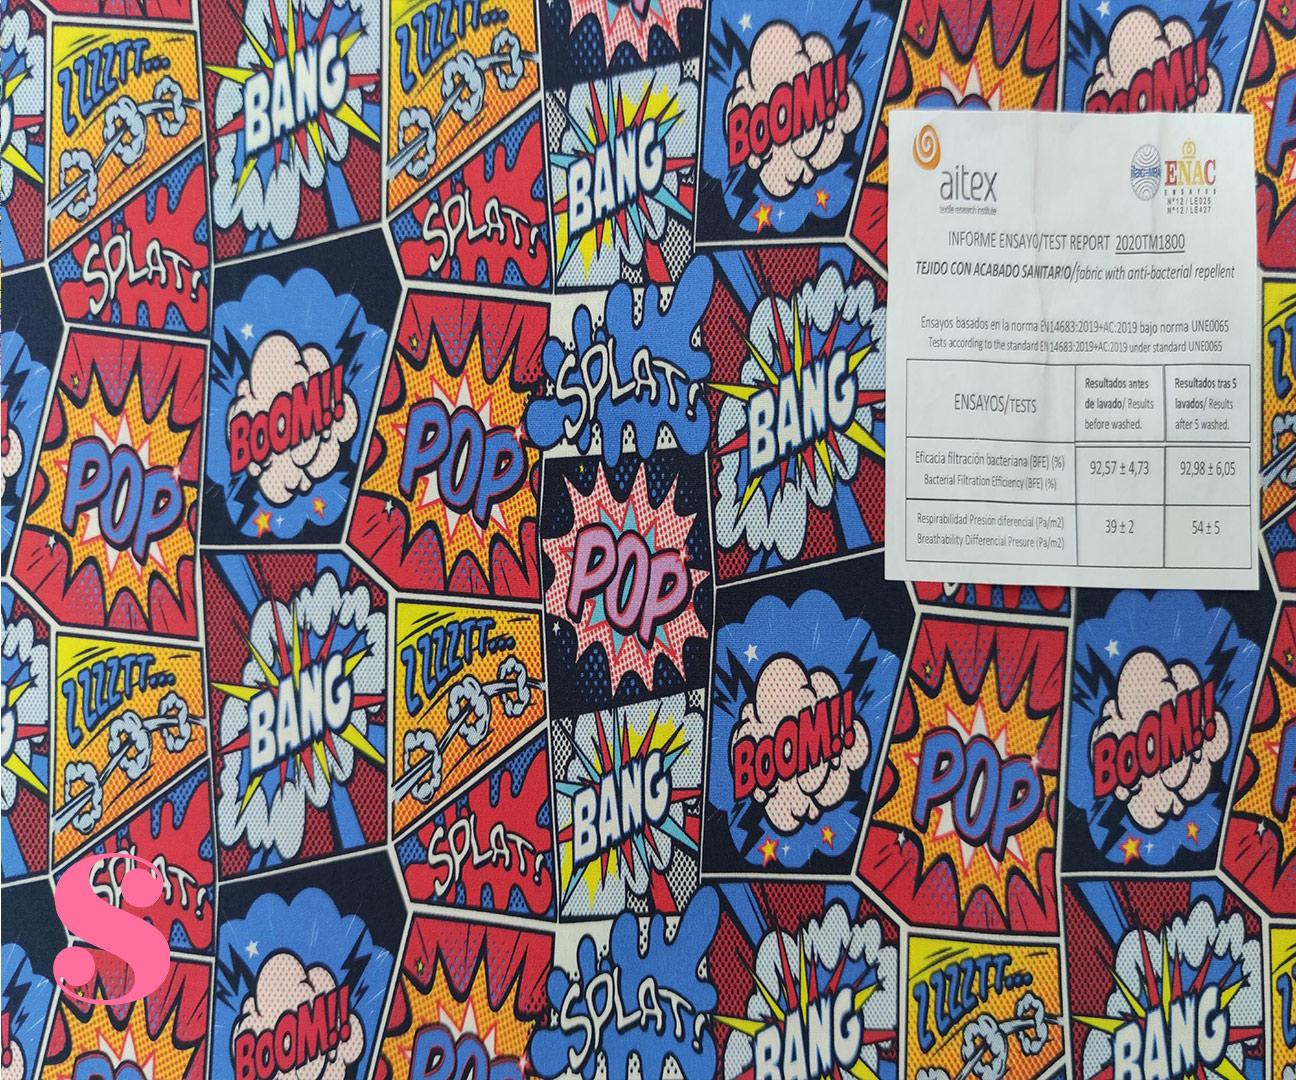 H21-comic-splat-acabado-sanitario-hidrofugado-tejidos-algodón-estampado-percal,tejido con acabado sanitario,tela con licencia AITEX,Estampado Hidrófugo Antibacteriano Comic Splat